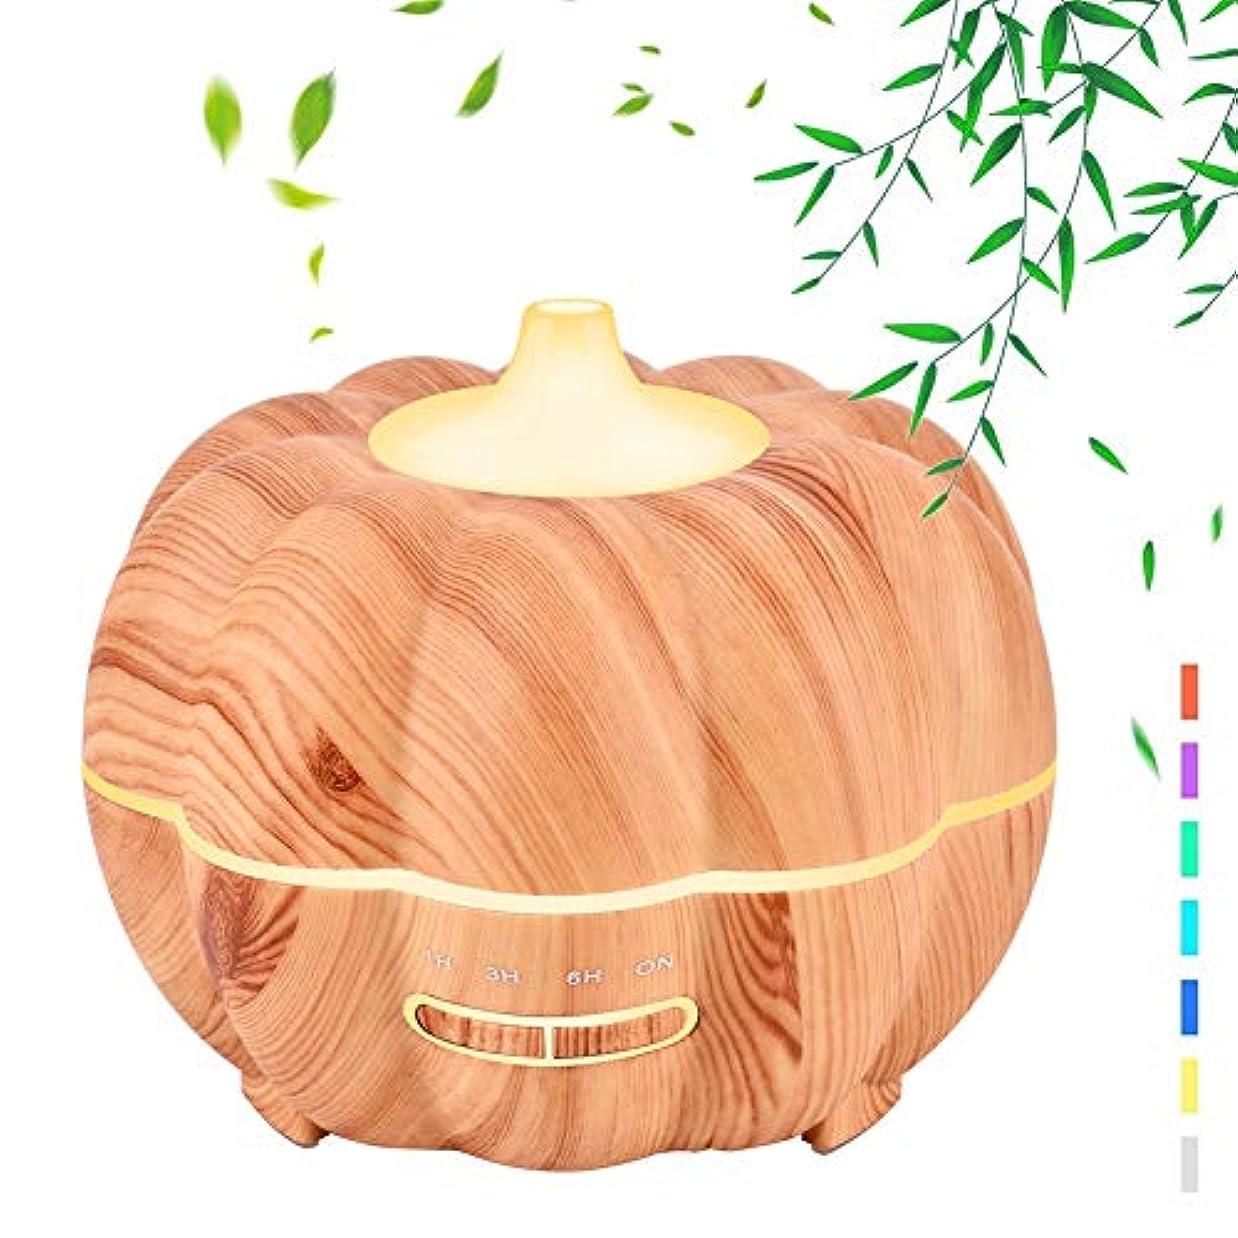 ジャングル保全回復300ミリリットル木材穀物エッセンシャルオイルディフューザー、加湿器超音波アロマセラピーアロマセラピーディフューザー加湿器、静かな操作、7色フレグランスランプ、ホームオフィス用ヨガスパ,Lightwoodgrain